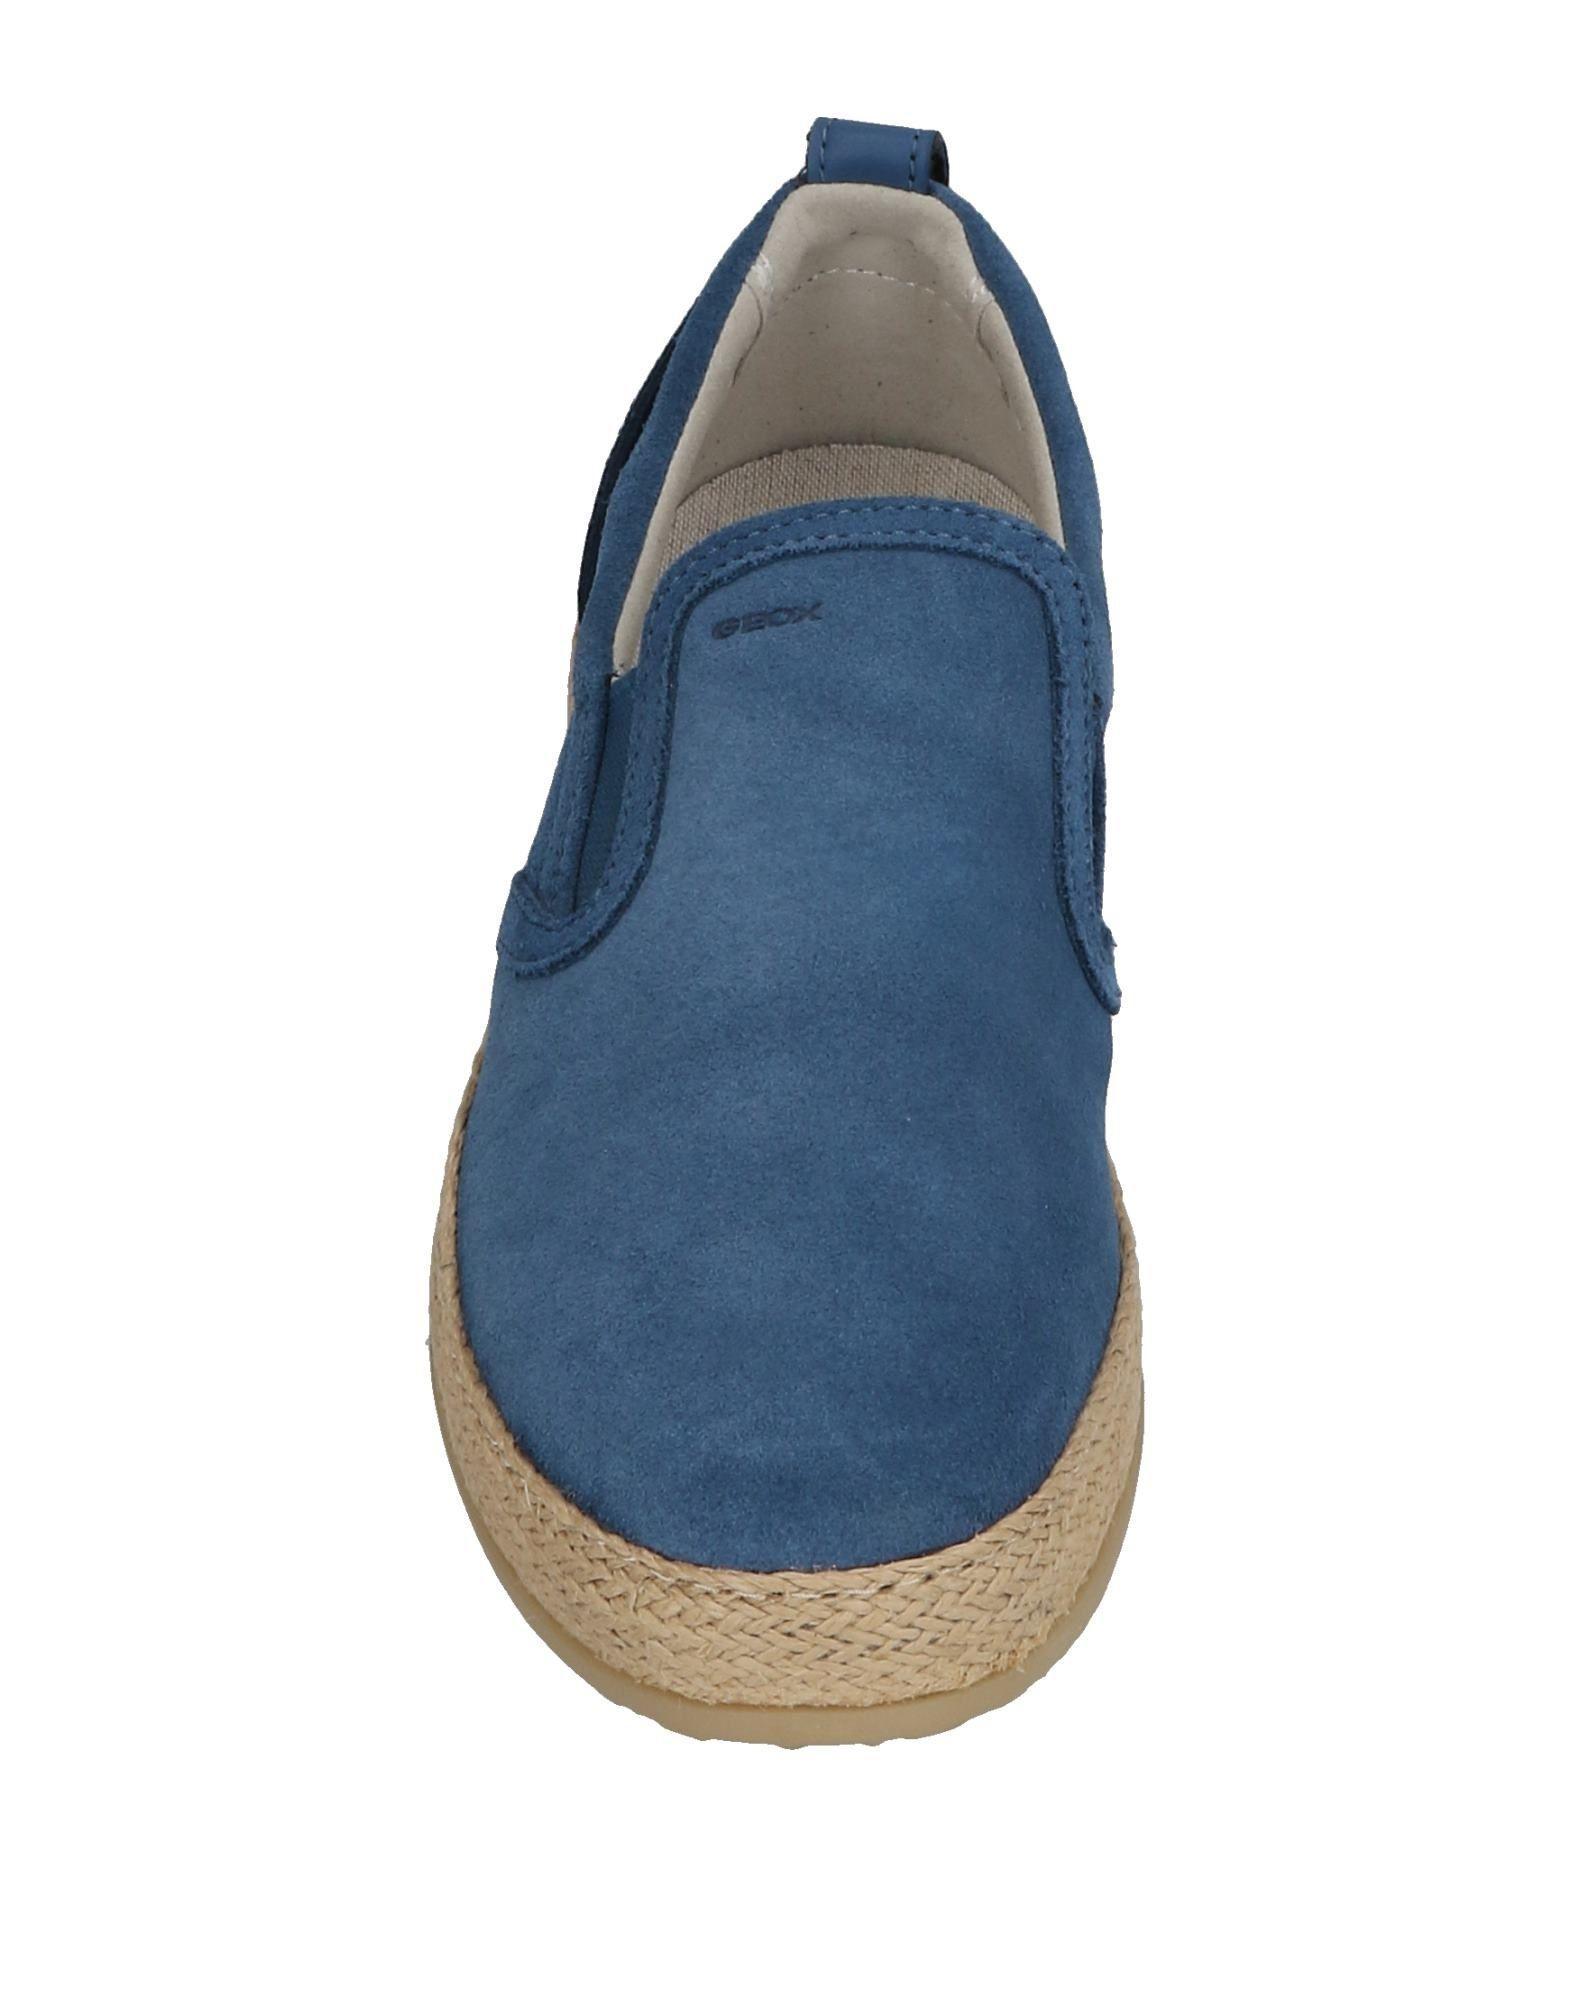 Geox Suede Low-tops & Sneakers in Dark Blue (Blue)